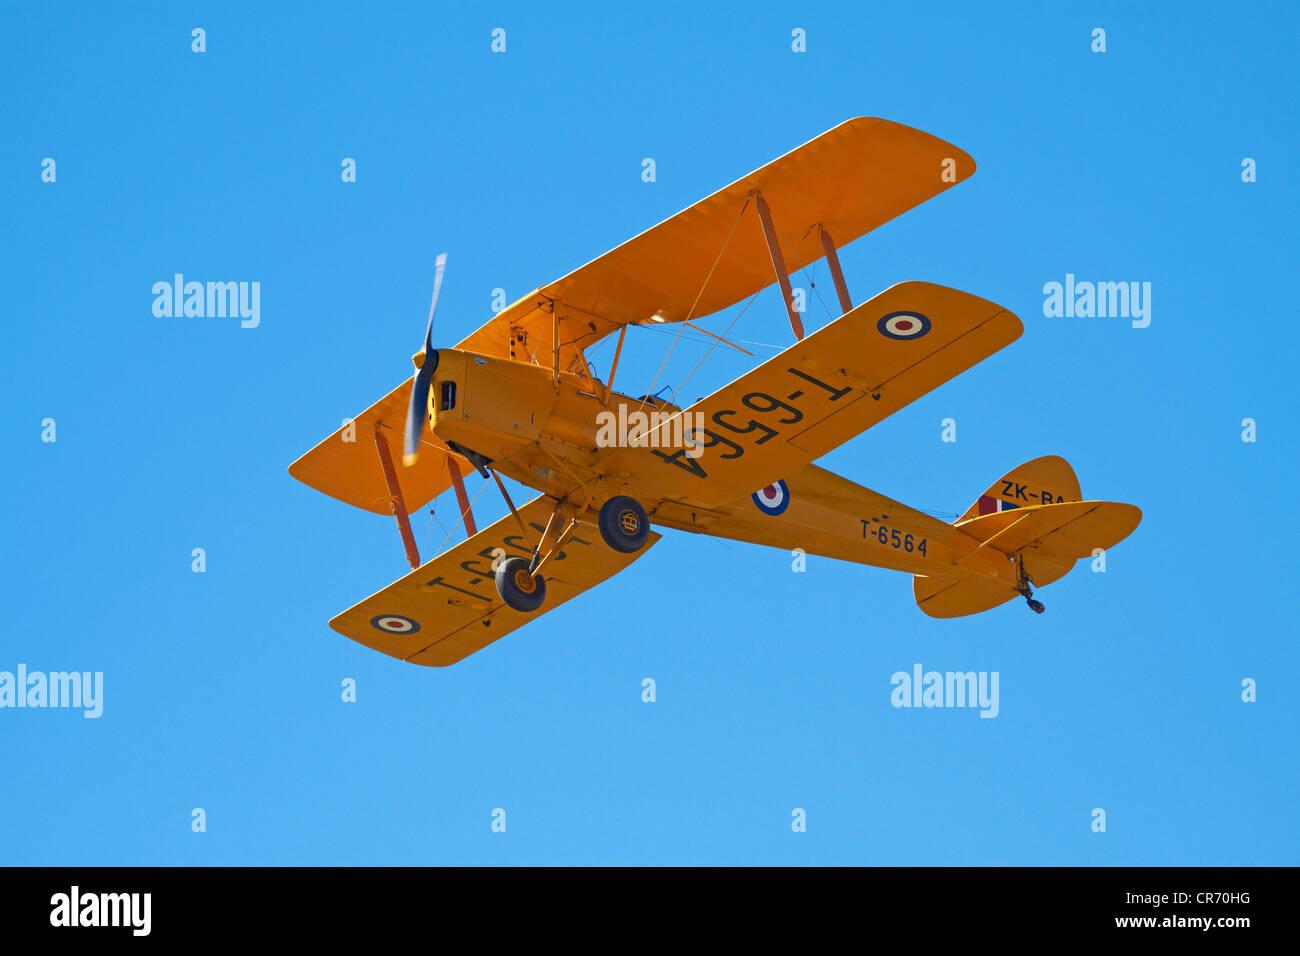 De Havilland DH 82A Tiger Moth biplano Immagini Stock